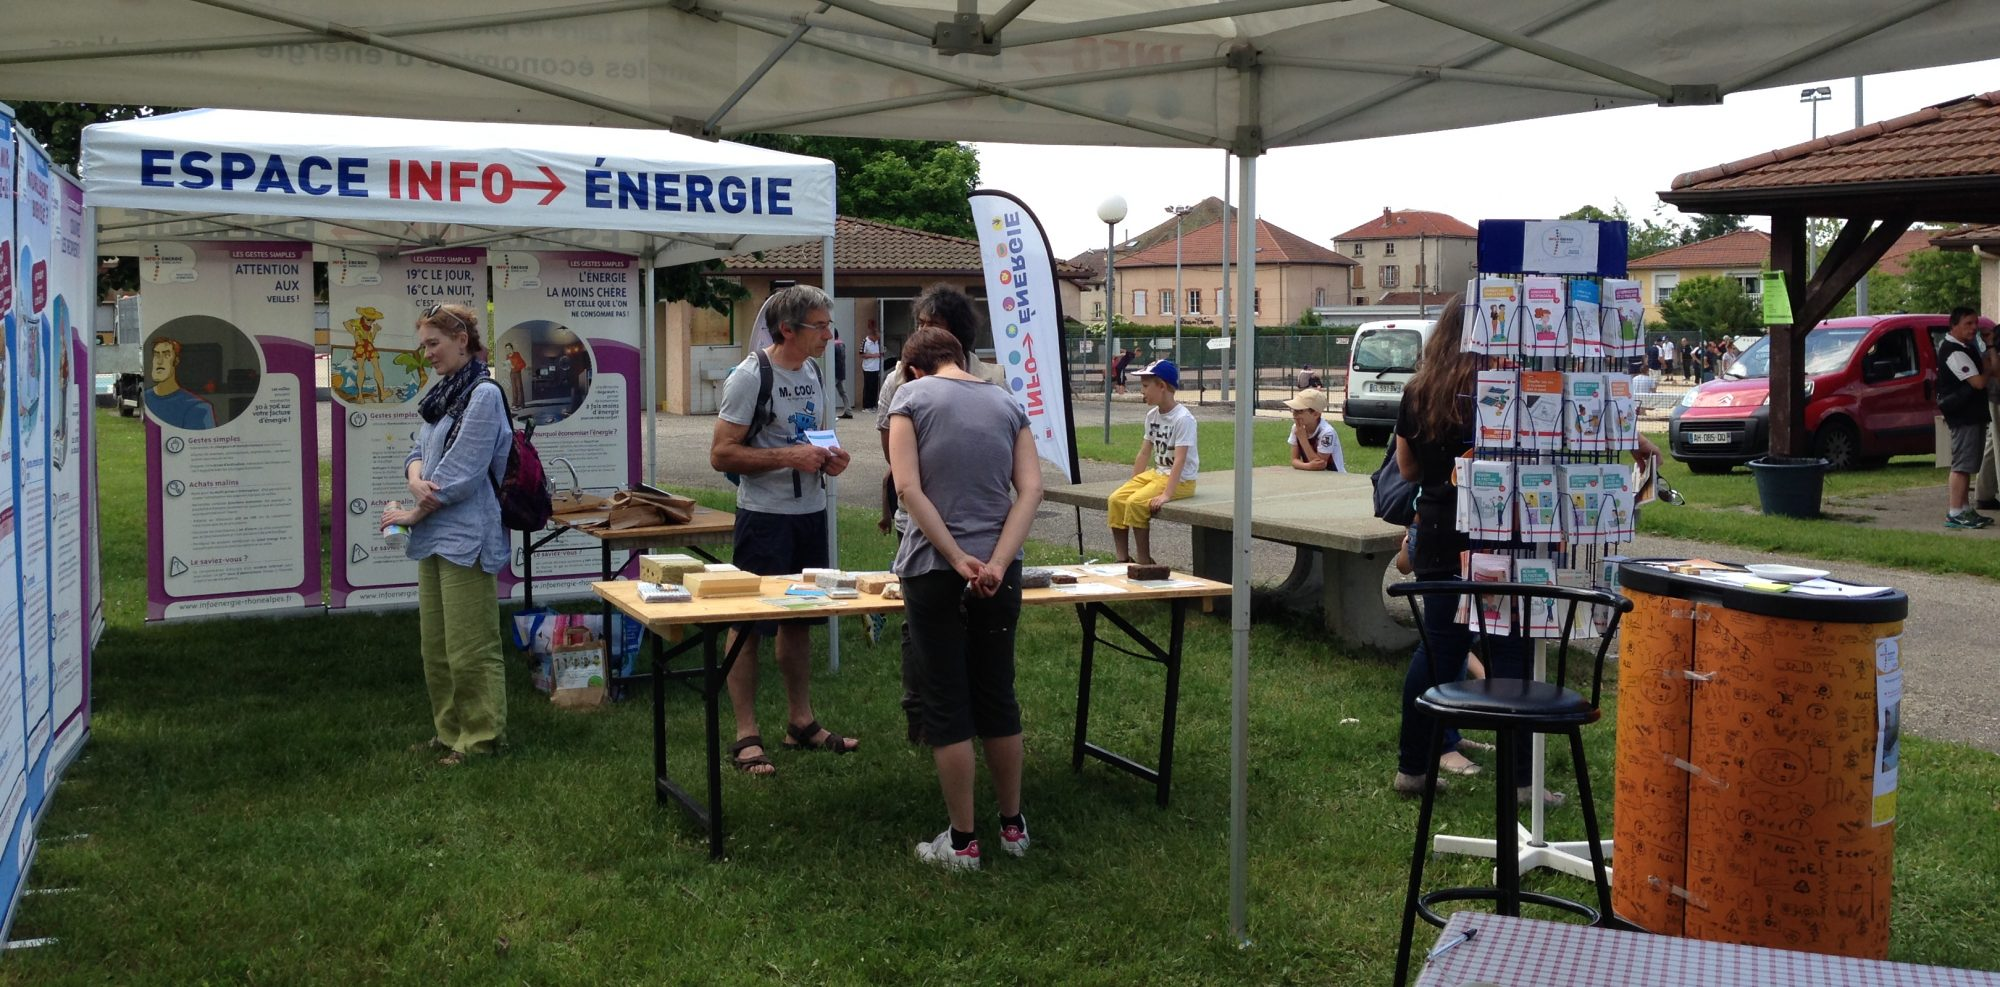 Festival Eco-citoyen Lattitude Green à La Côte-Saint-André